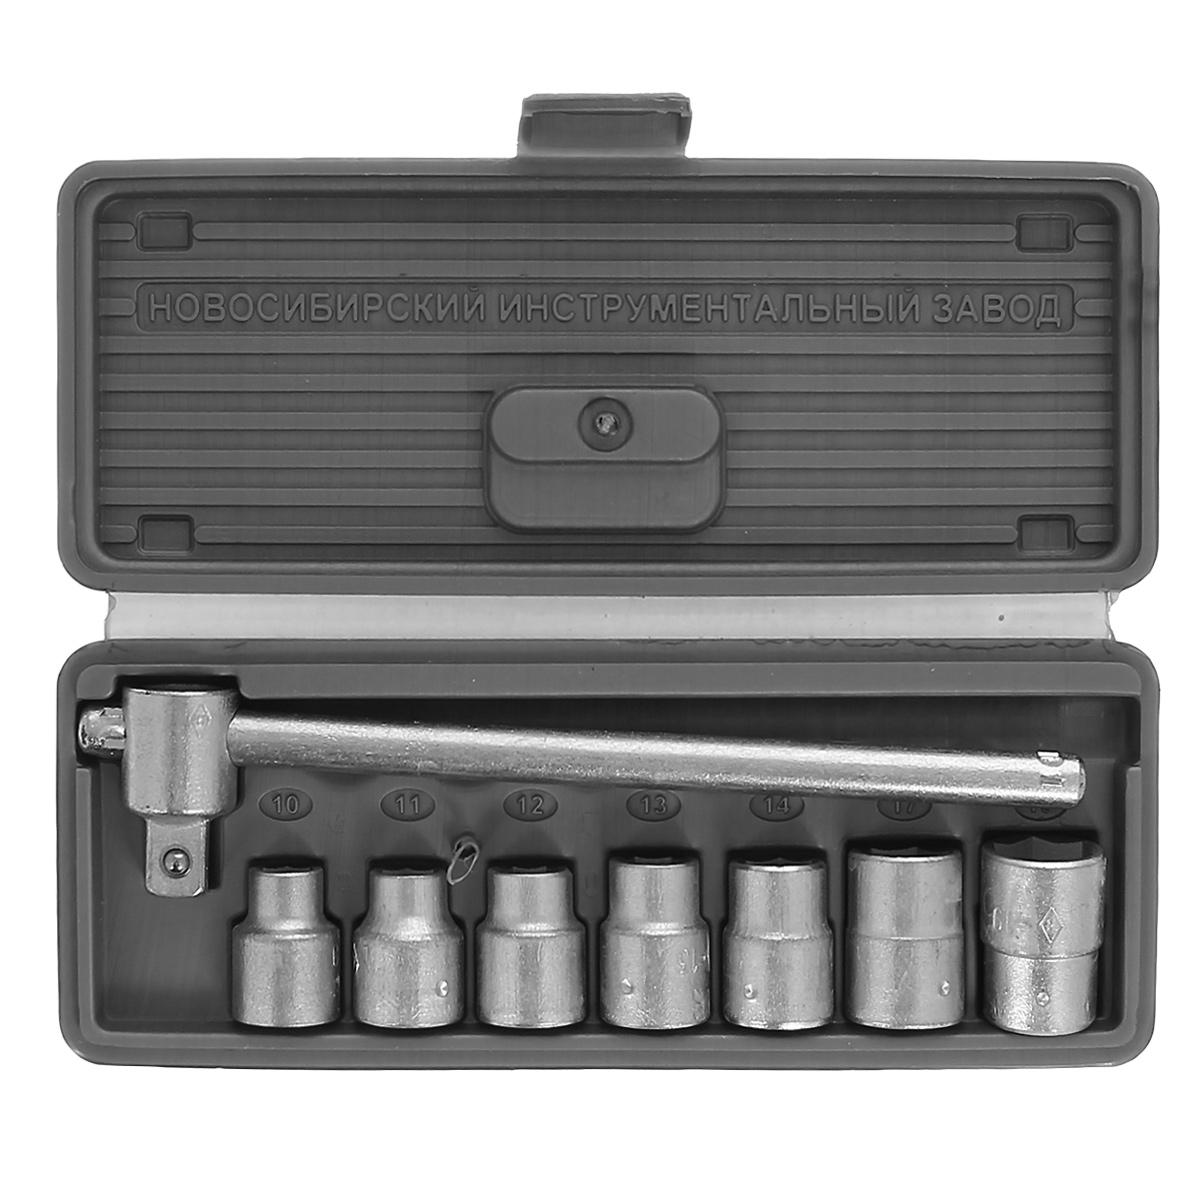 Набор шоферского инструмента № 1 НИЗ, 8 предметов98293777В набор входит 7 сменных головок 1/2 (10, 11, 12, 13, 14, 17, 19) и ключ с присоединительным квадратом 1/2.